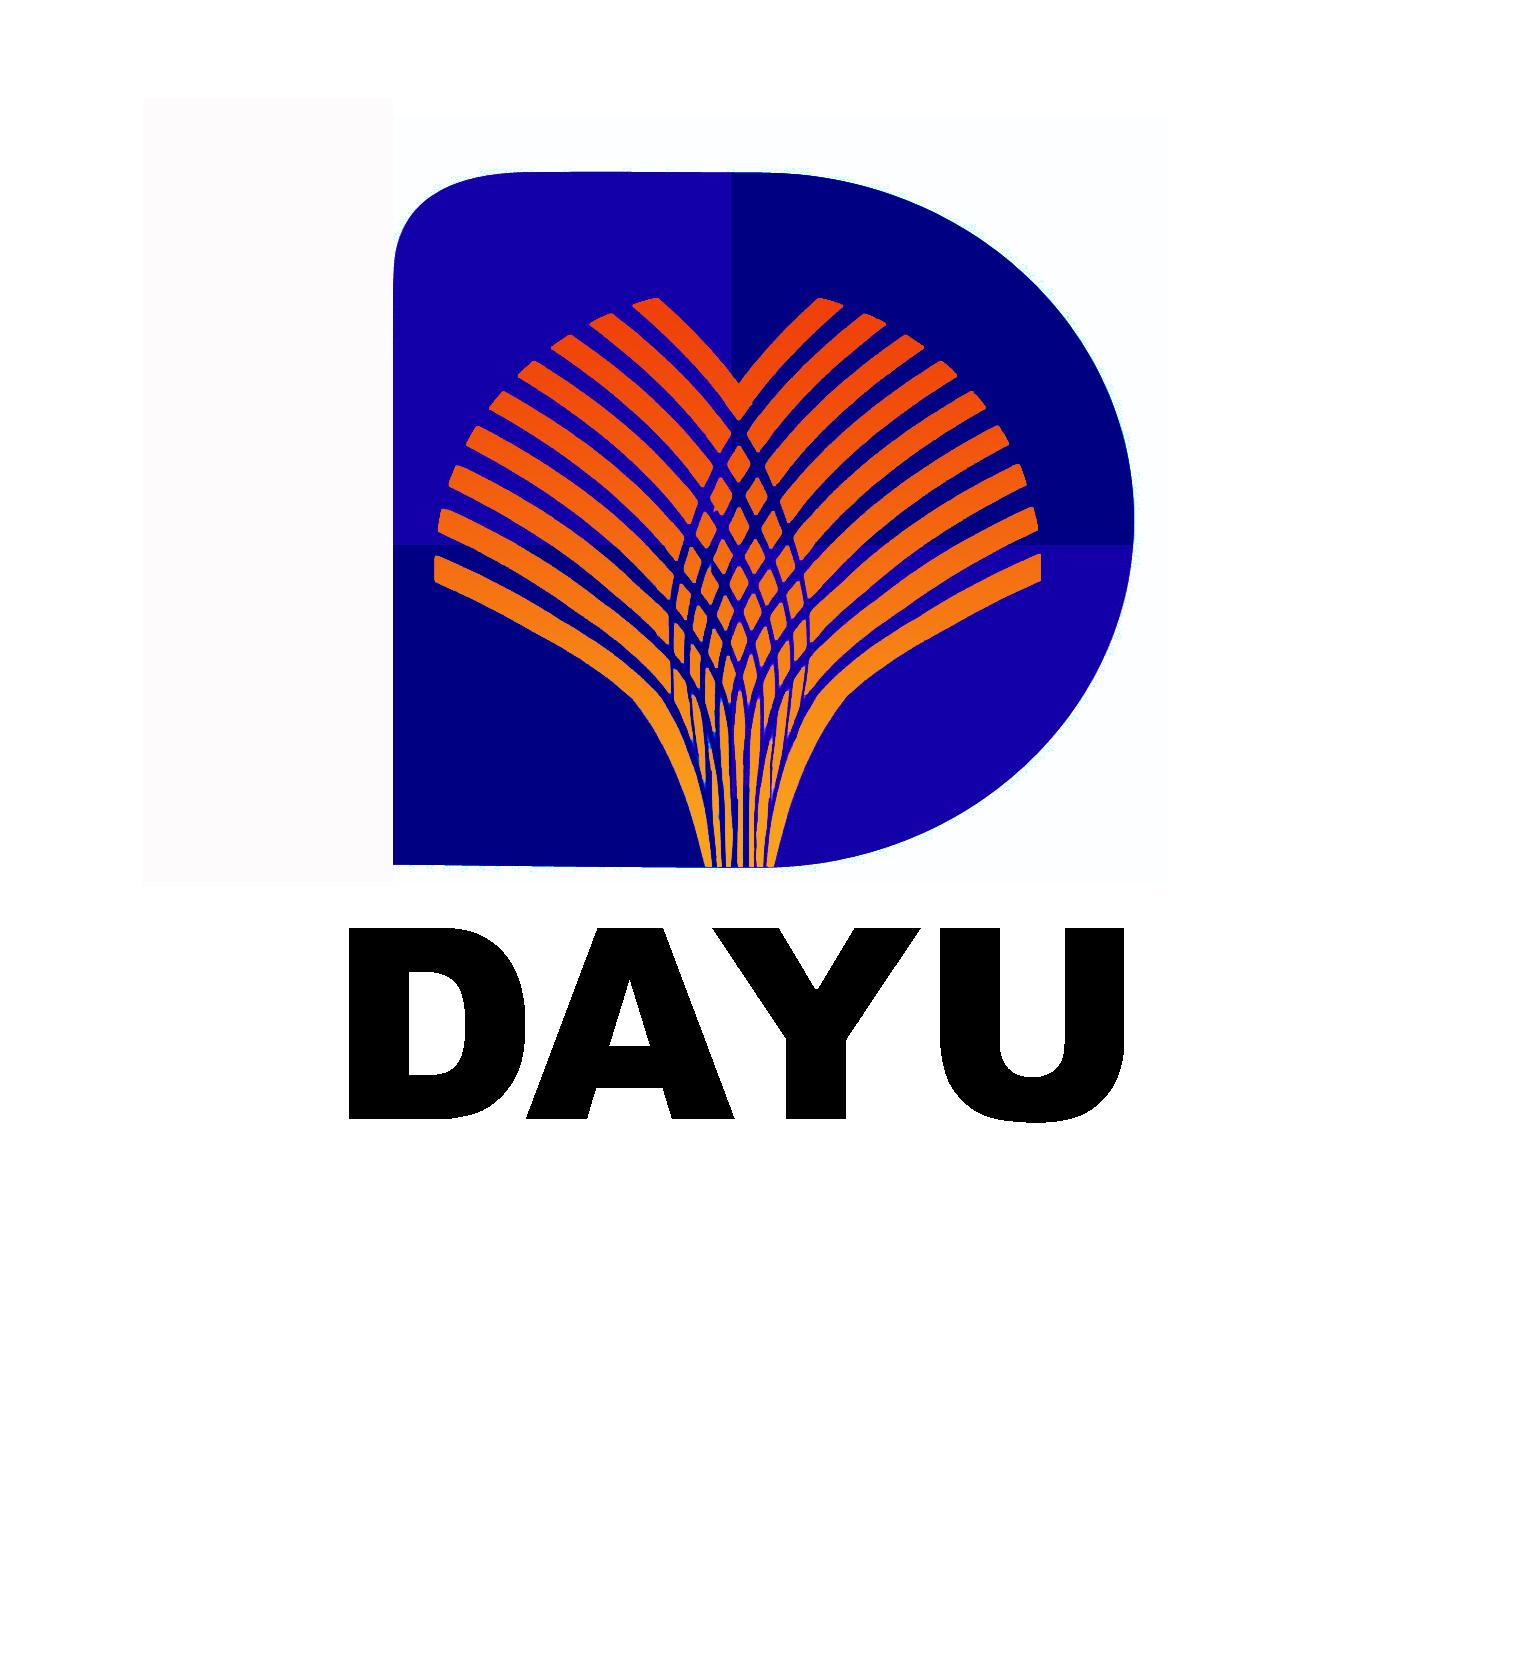 郑州大宇耐火材料公司logo设计(中标:lqg698 和 厚来居上|奖金均分)